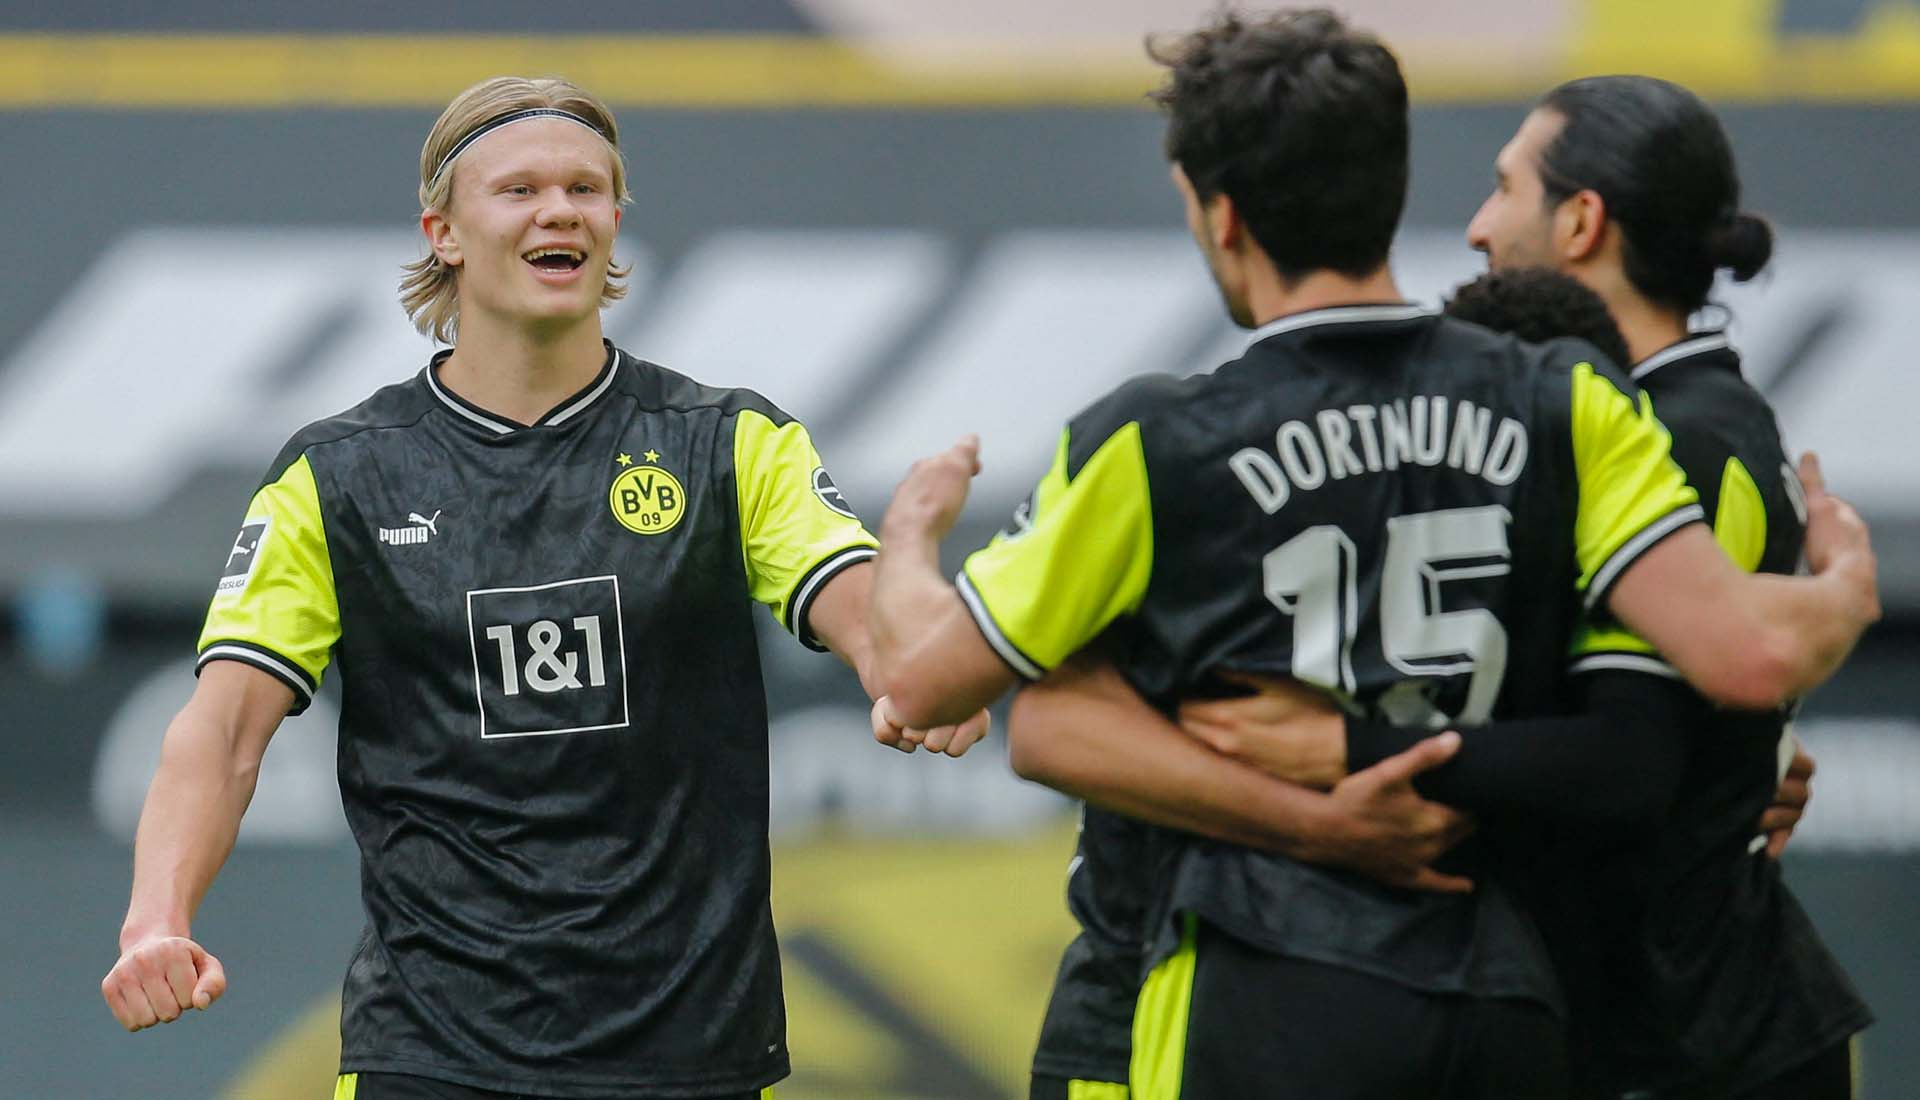 Borussia Dortmund Debut Their Special Retro Edition PUMA Kit ...